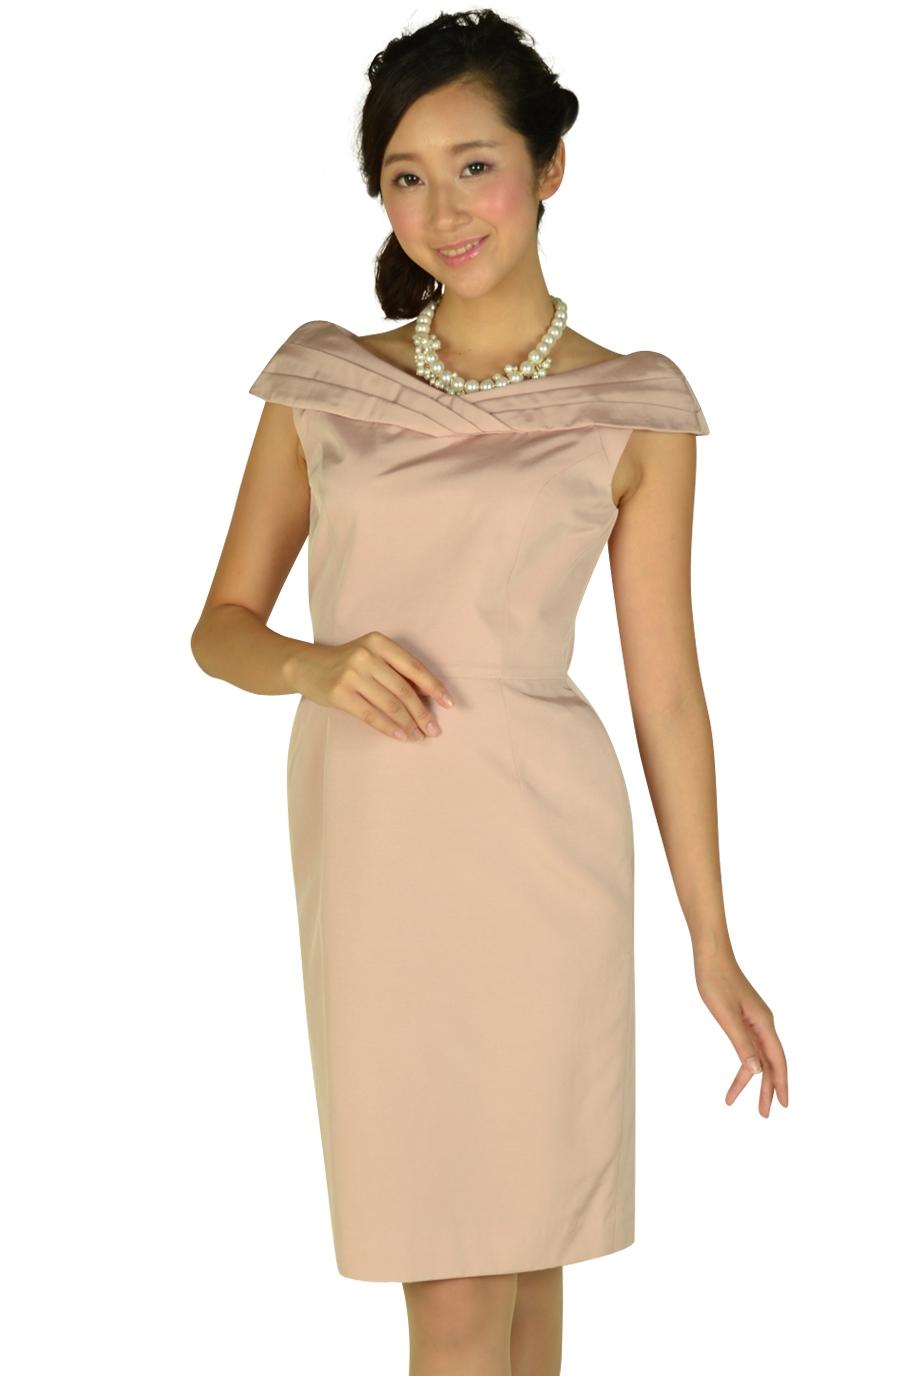 ジャスグリッティー (JUSGLITTY)オフショルダーピンクドレス